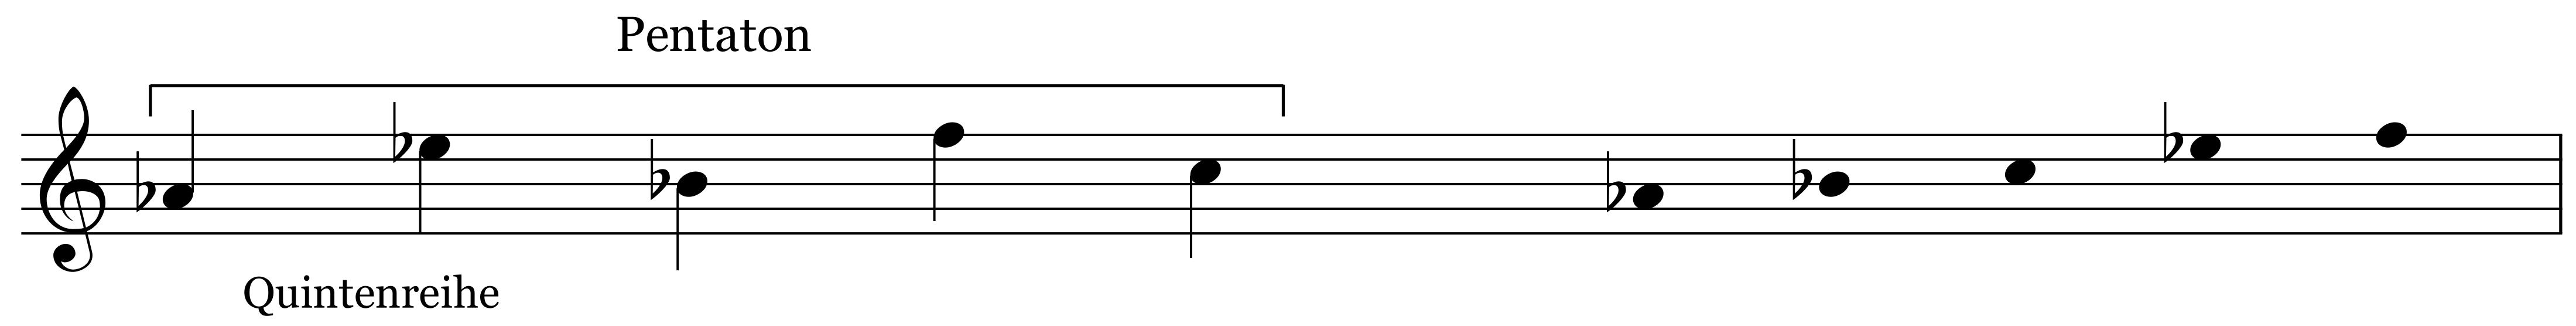 Pentaton as-b-c-es-f bei Ziffer 48